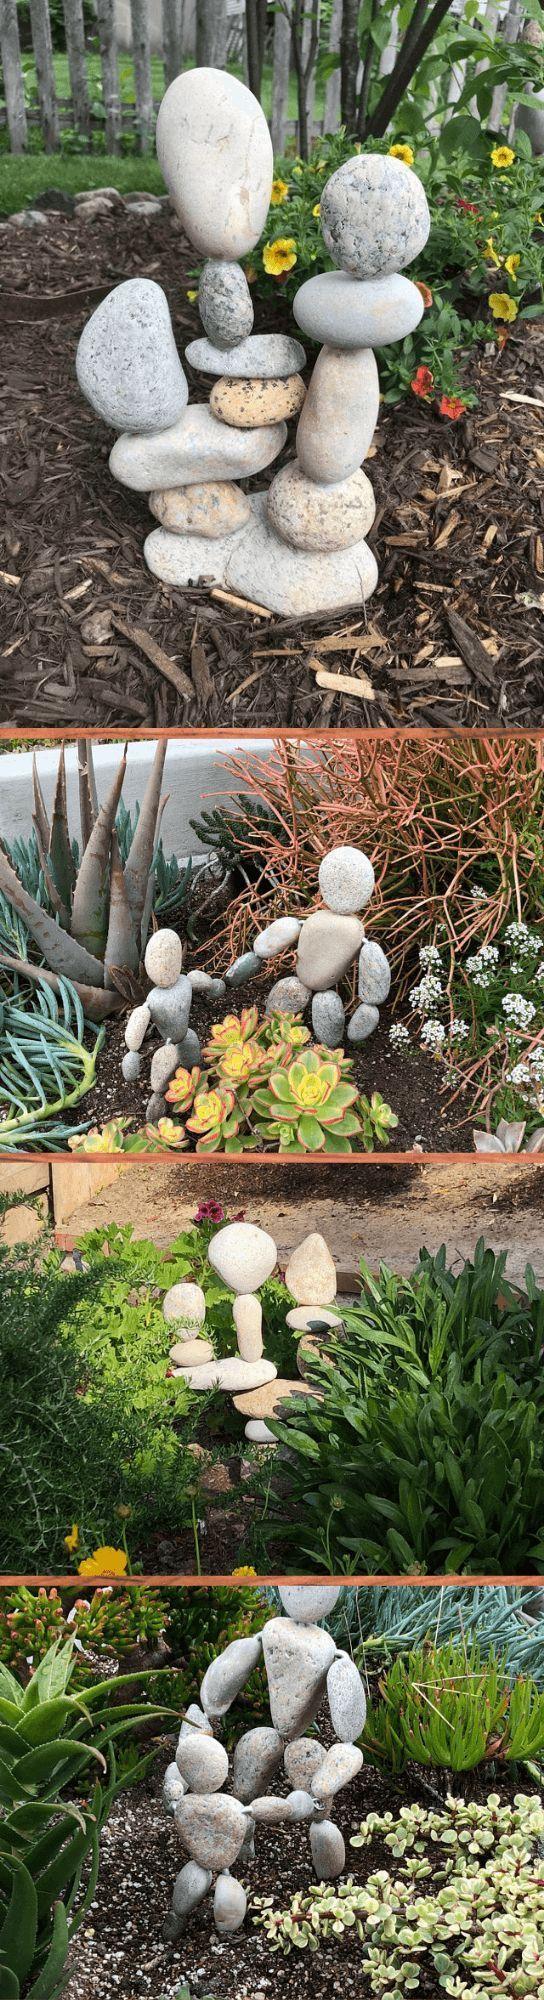 15 kreative River Rock Stone-Ideen und -Designs für Ihren Zen-Garten #riverrockgardens 15 kreative River Rock Stone-Ideen und -Designs für Ihren Zen-Garten #riverrockgardens